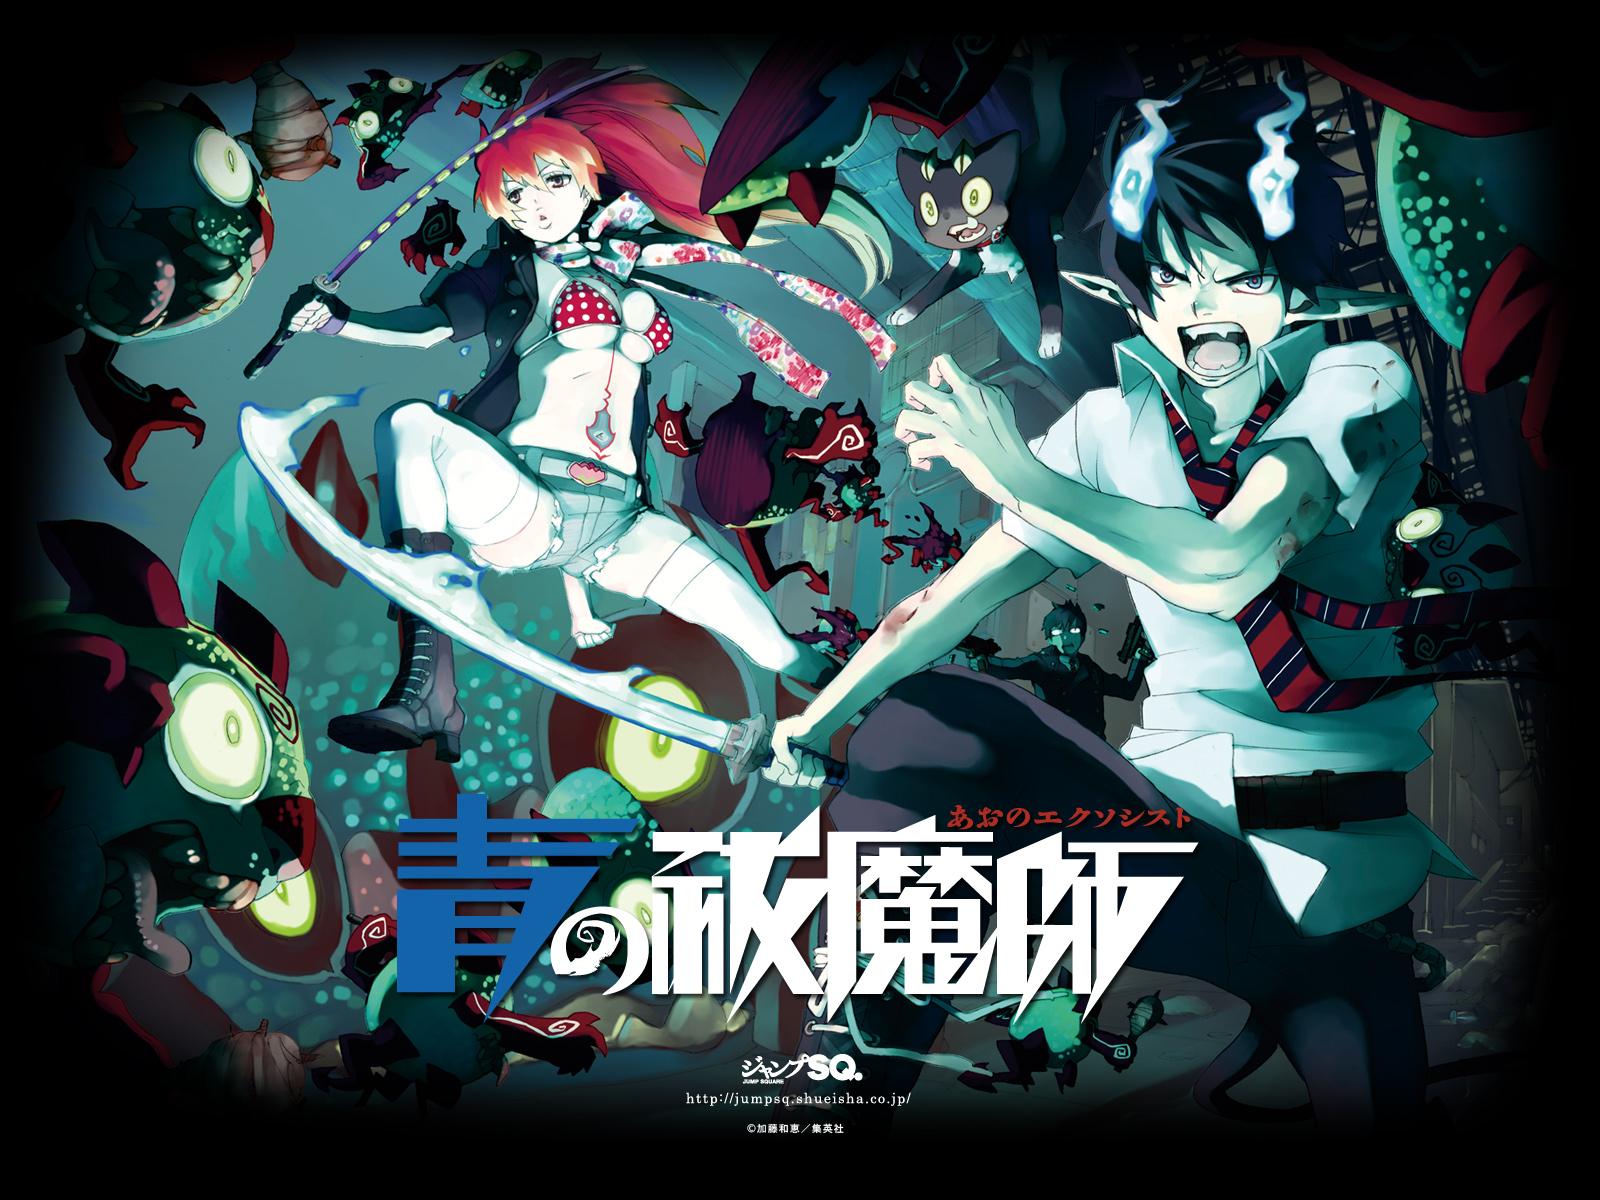 http://2.bp.blogspot.com/-G5zphlOPMyk/TrIeAMimZ4I/AAAAAAAAAS8/BTotMVXEfUg/s1600/Ao-no-Exorcist-Blue-Exorcist.jpg